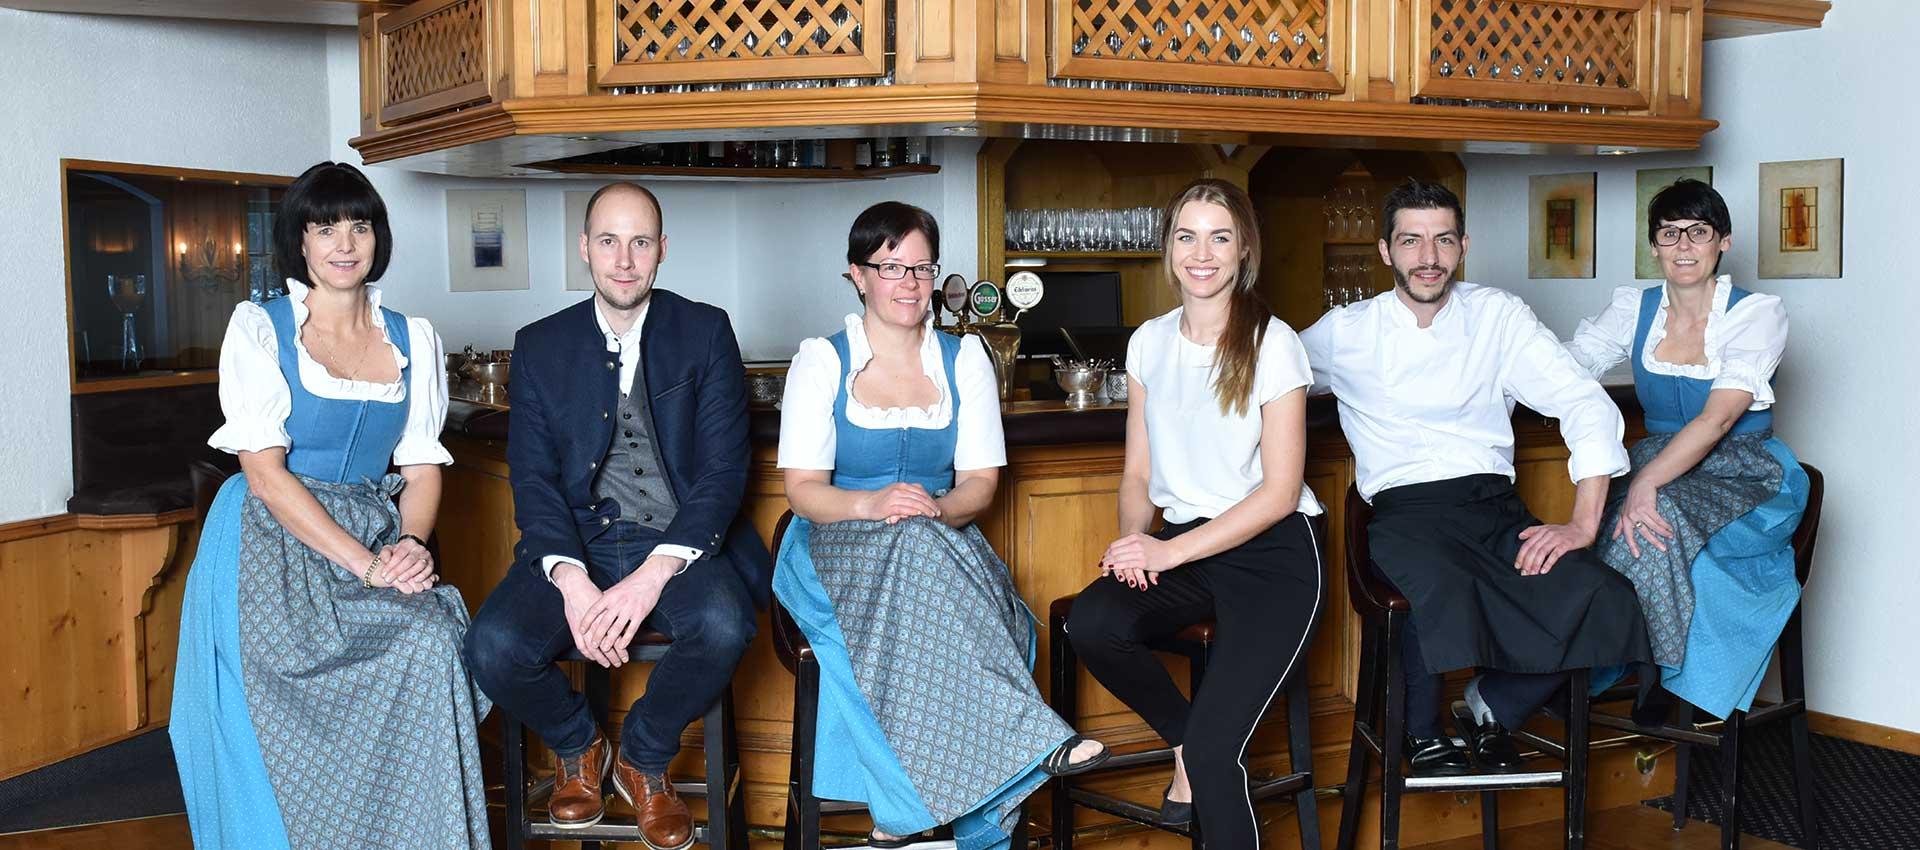 Jobs & offene Stellen im Alpenhotel Montafon in Schruns